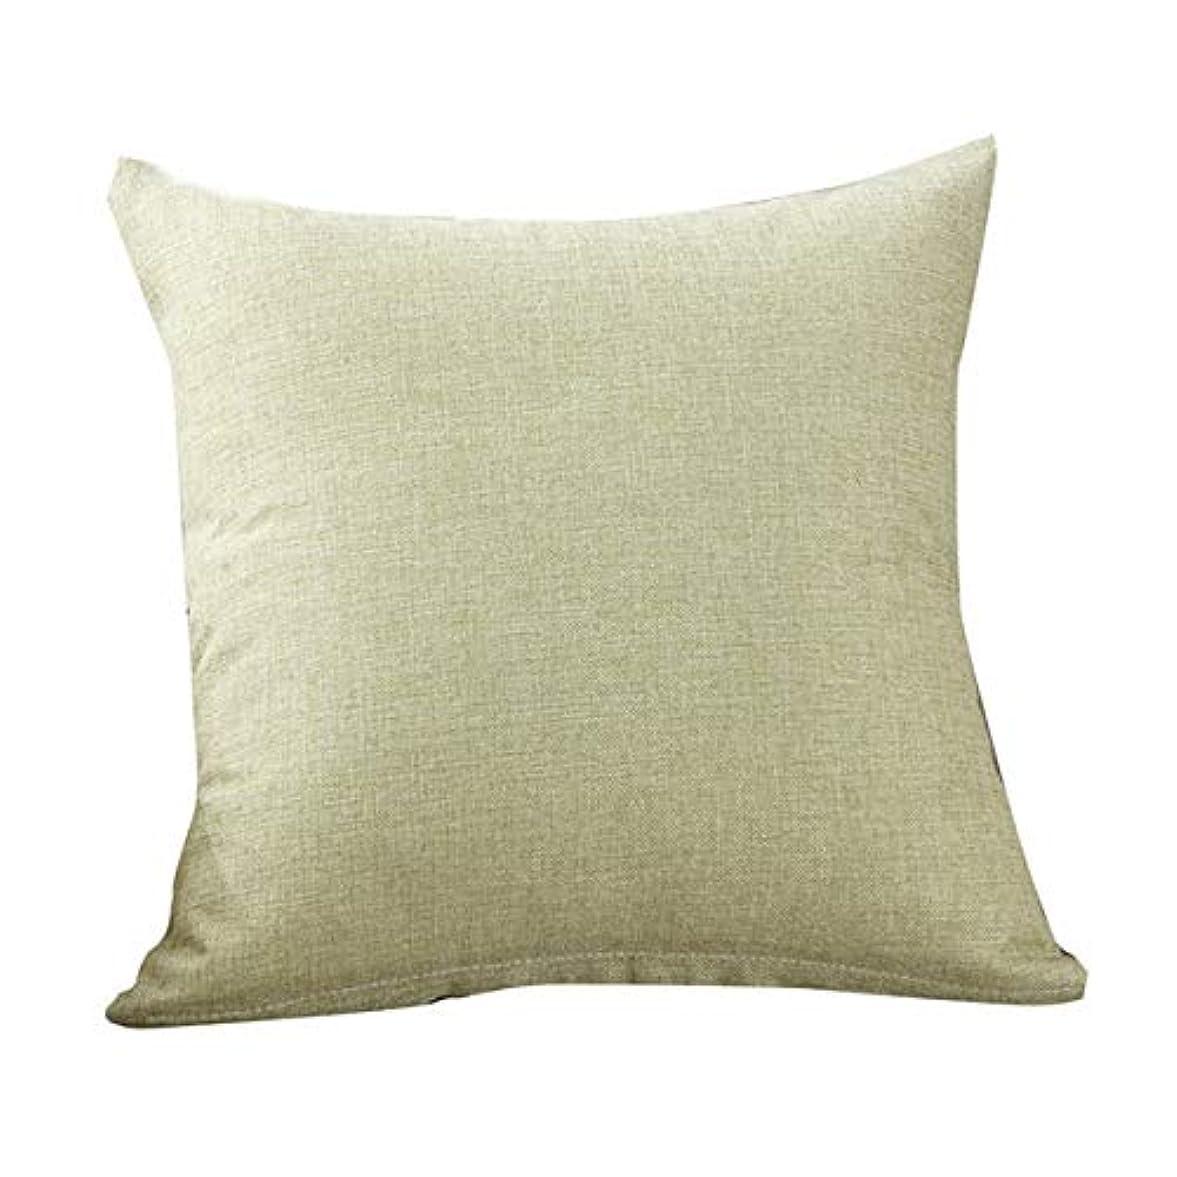 抜粋ネーピア馬鹿LIFE クリエイティブシンプルなファッションスロー枕クッションカフェソファクッションのホームインテリア z0403# G20 クッション 椅子